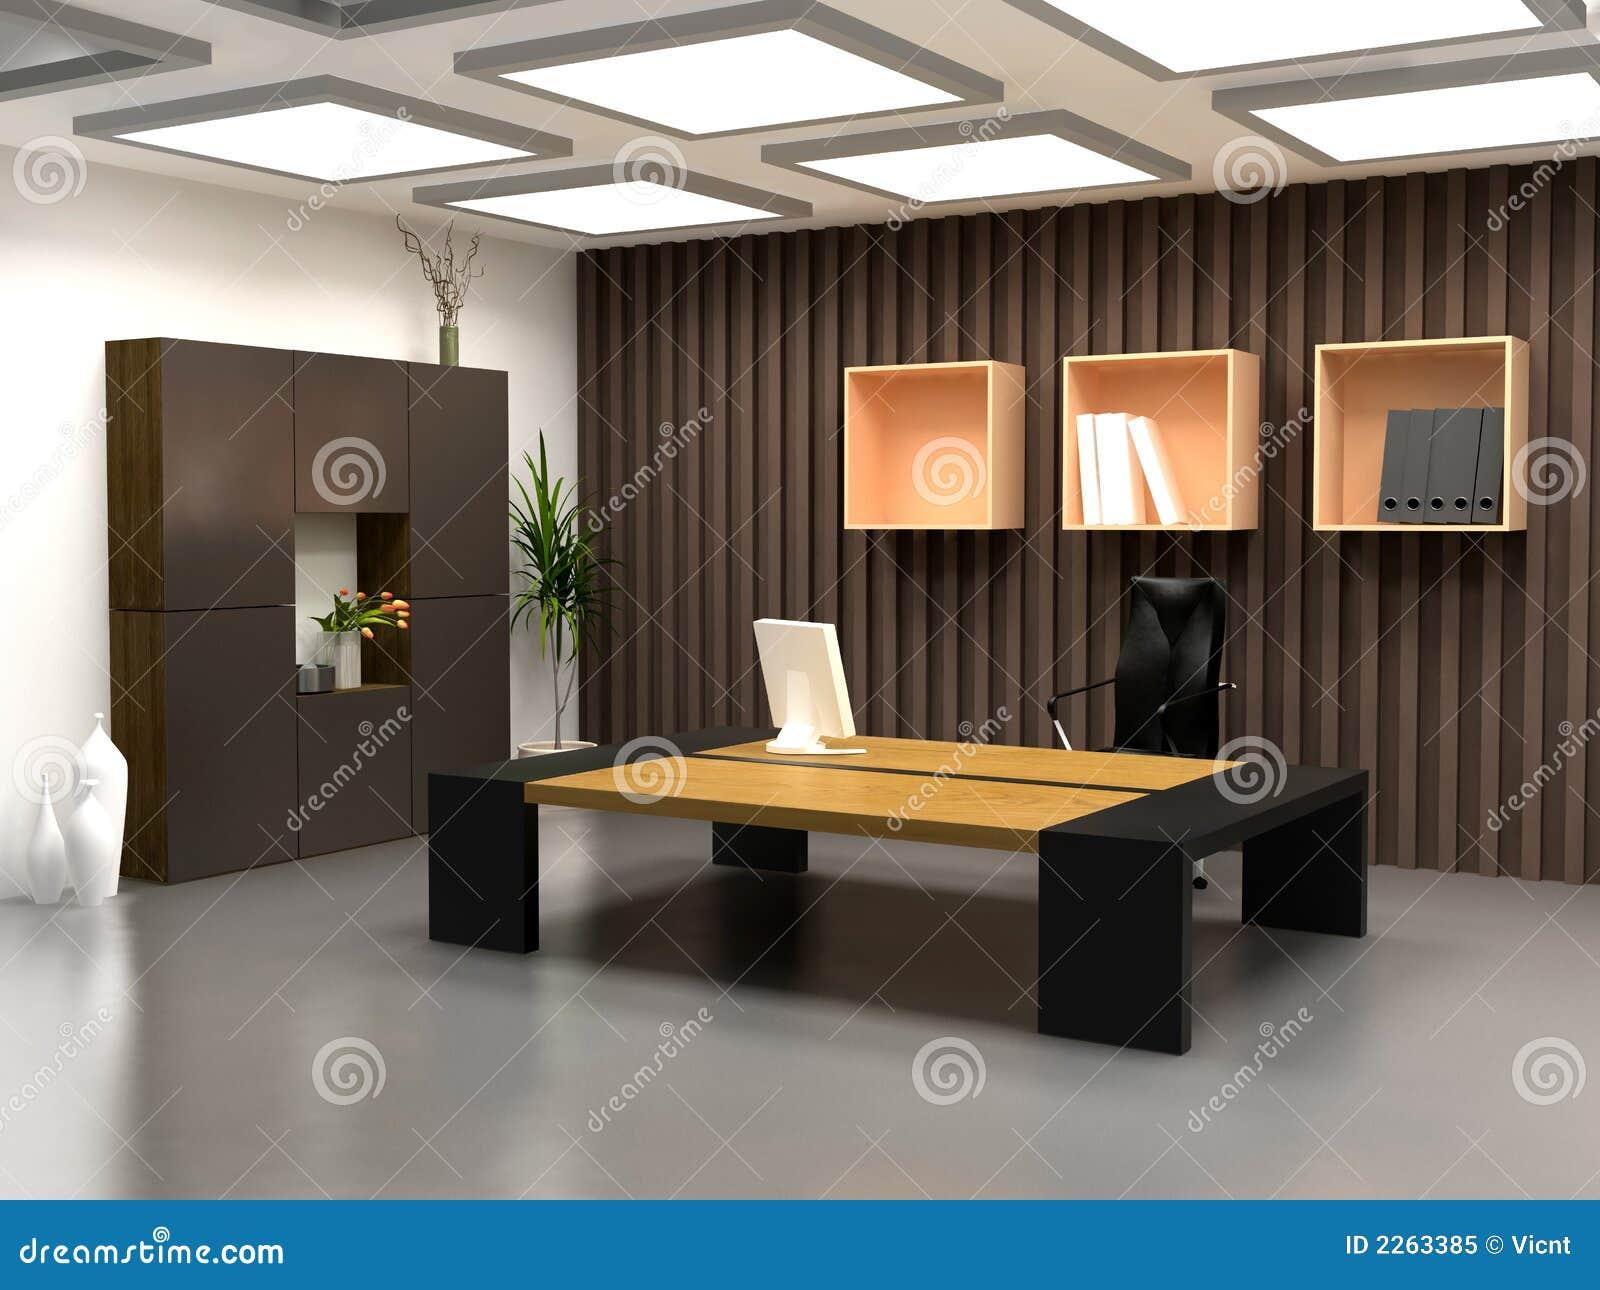 Das moderne Büro stockbild. Bild von auslegung, stühle - 2263385